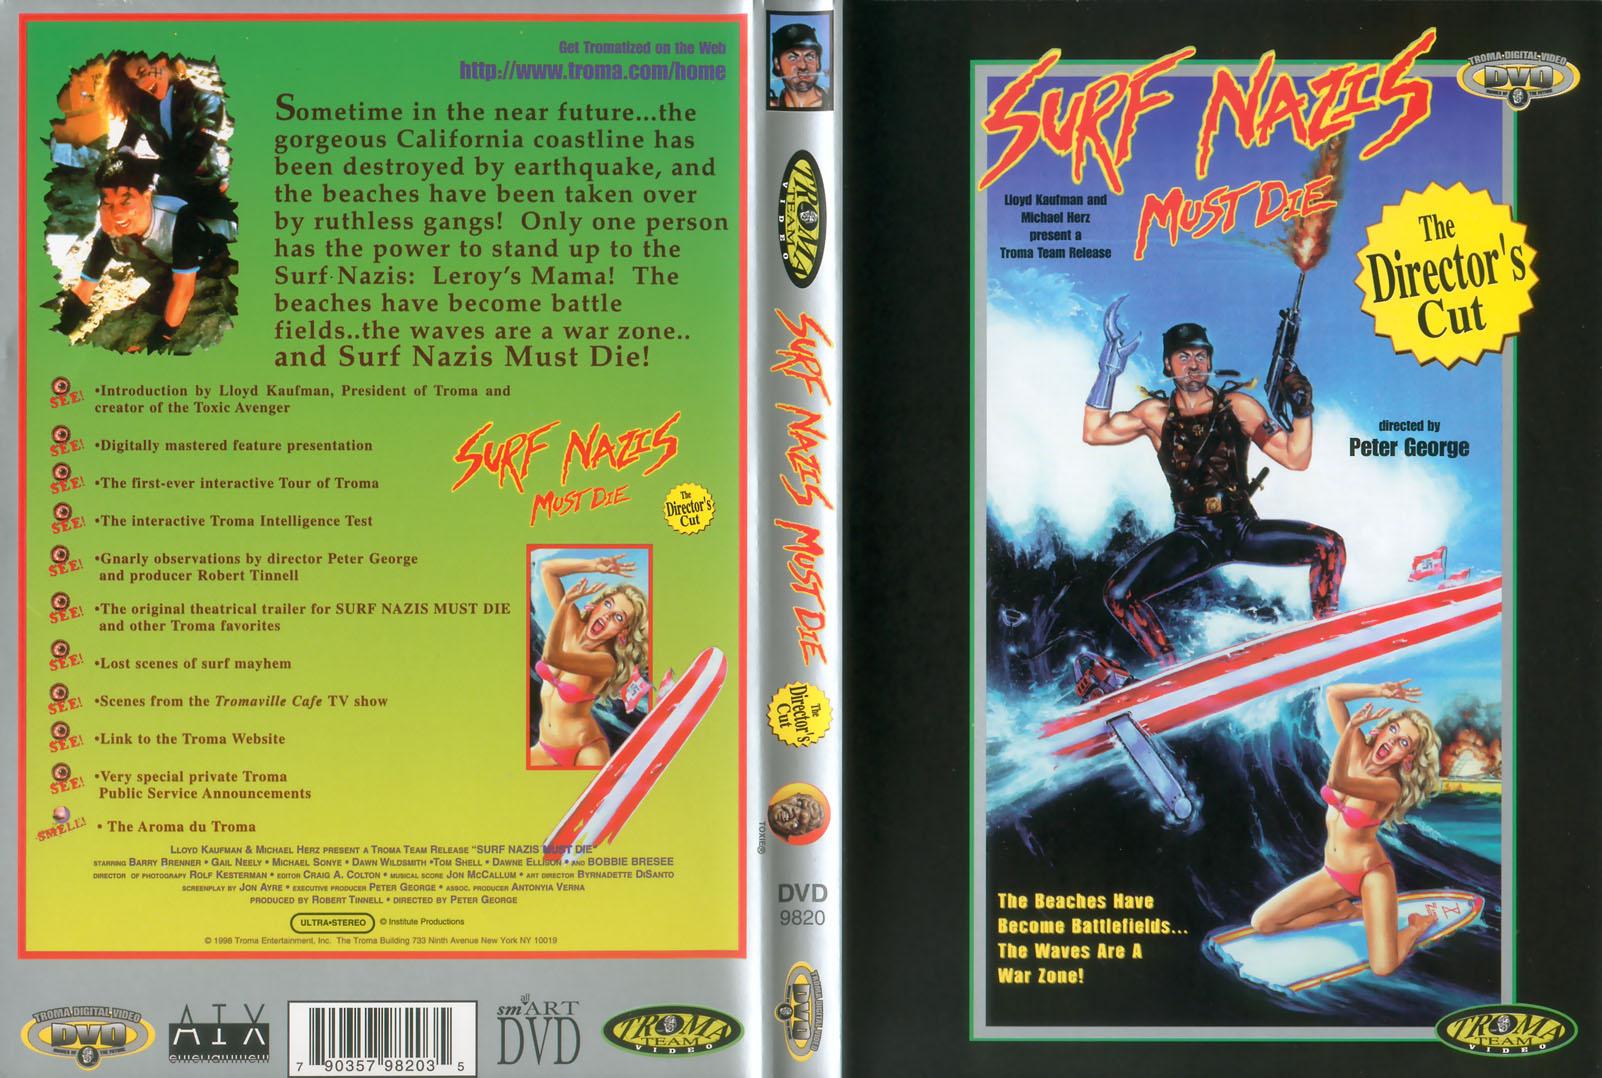 Surf_Nazis_Must_Die_(1987).jpg